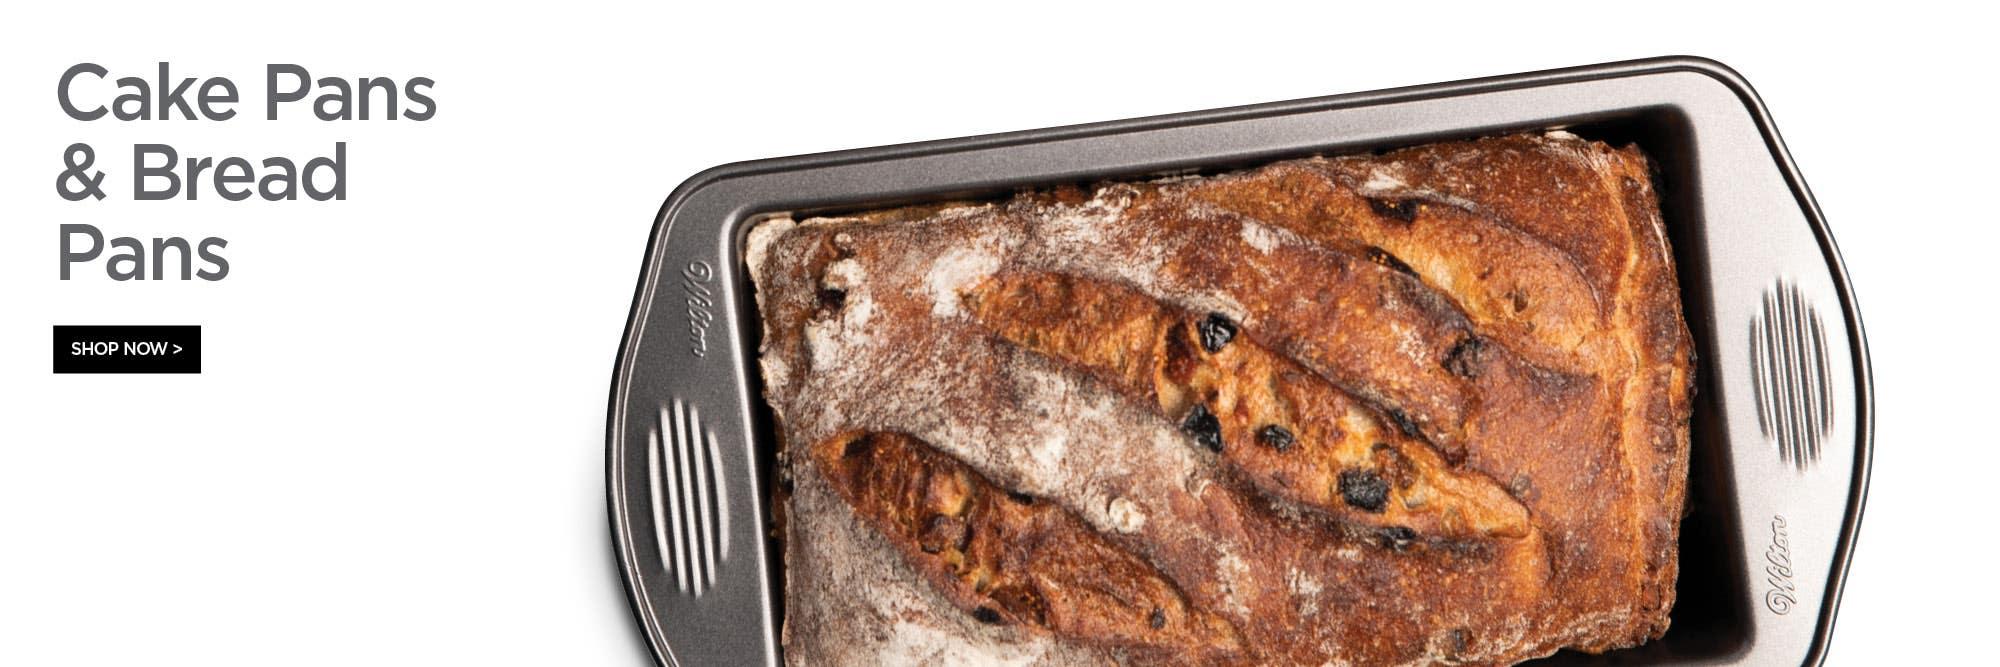 Shop Cake Pans & Bread Pans